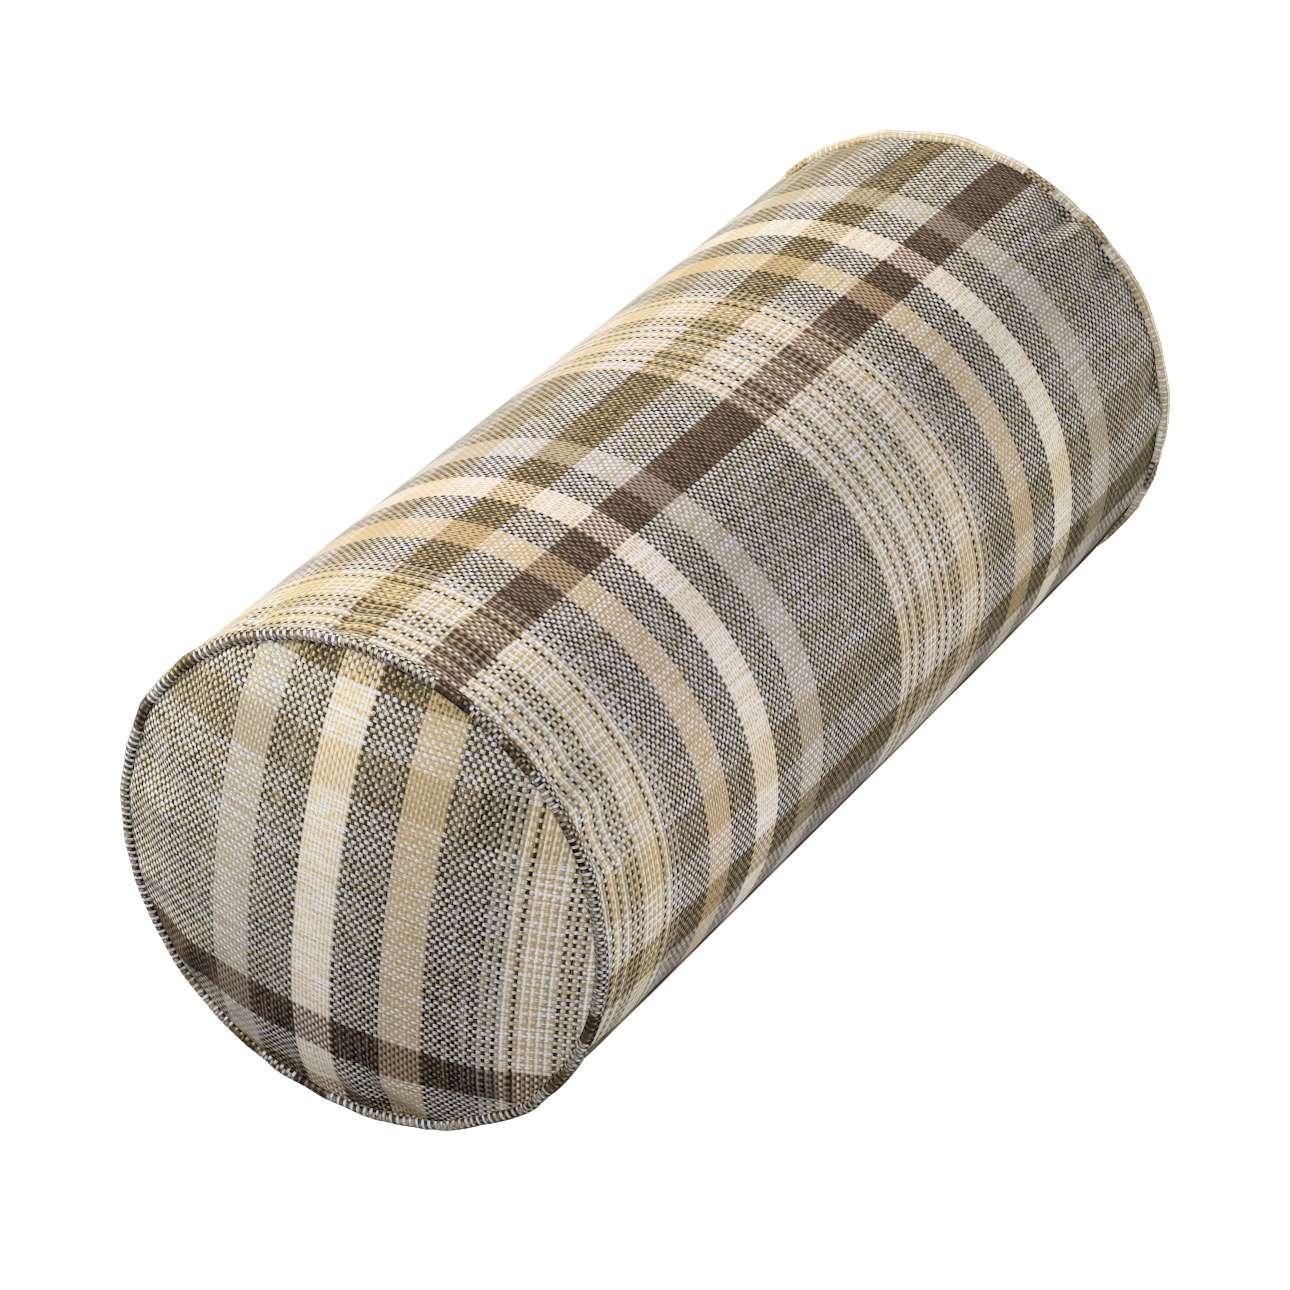 Pokrowiec na wałek Ektorp w kolekcji Edinburgh, tkanina: 703-17